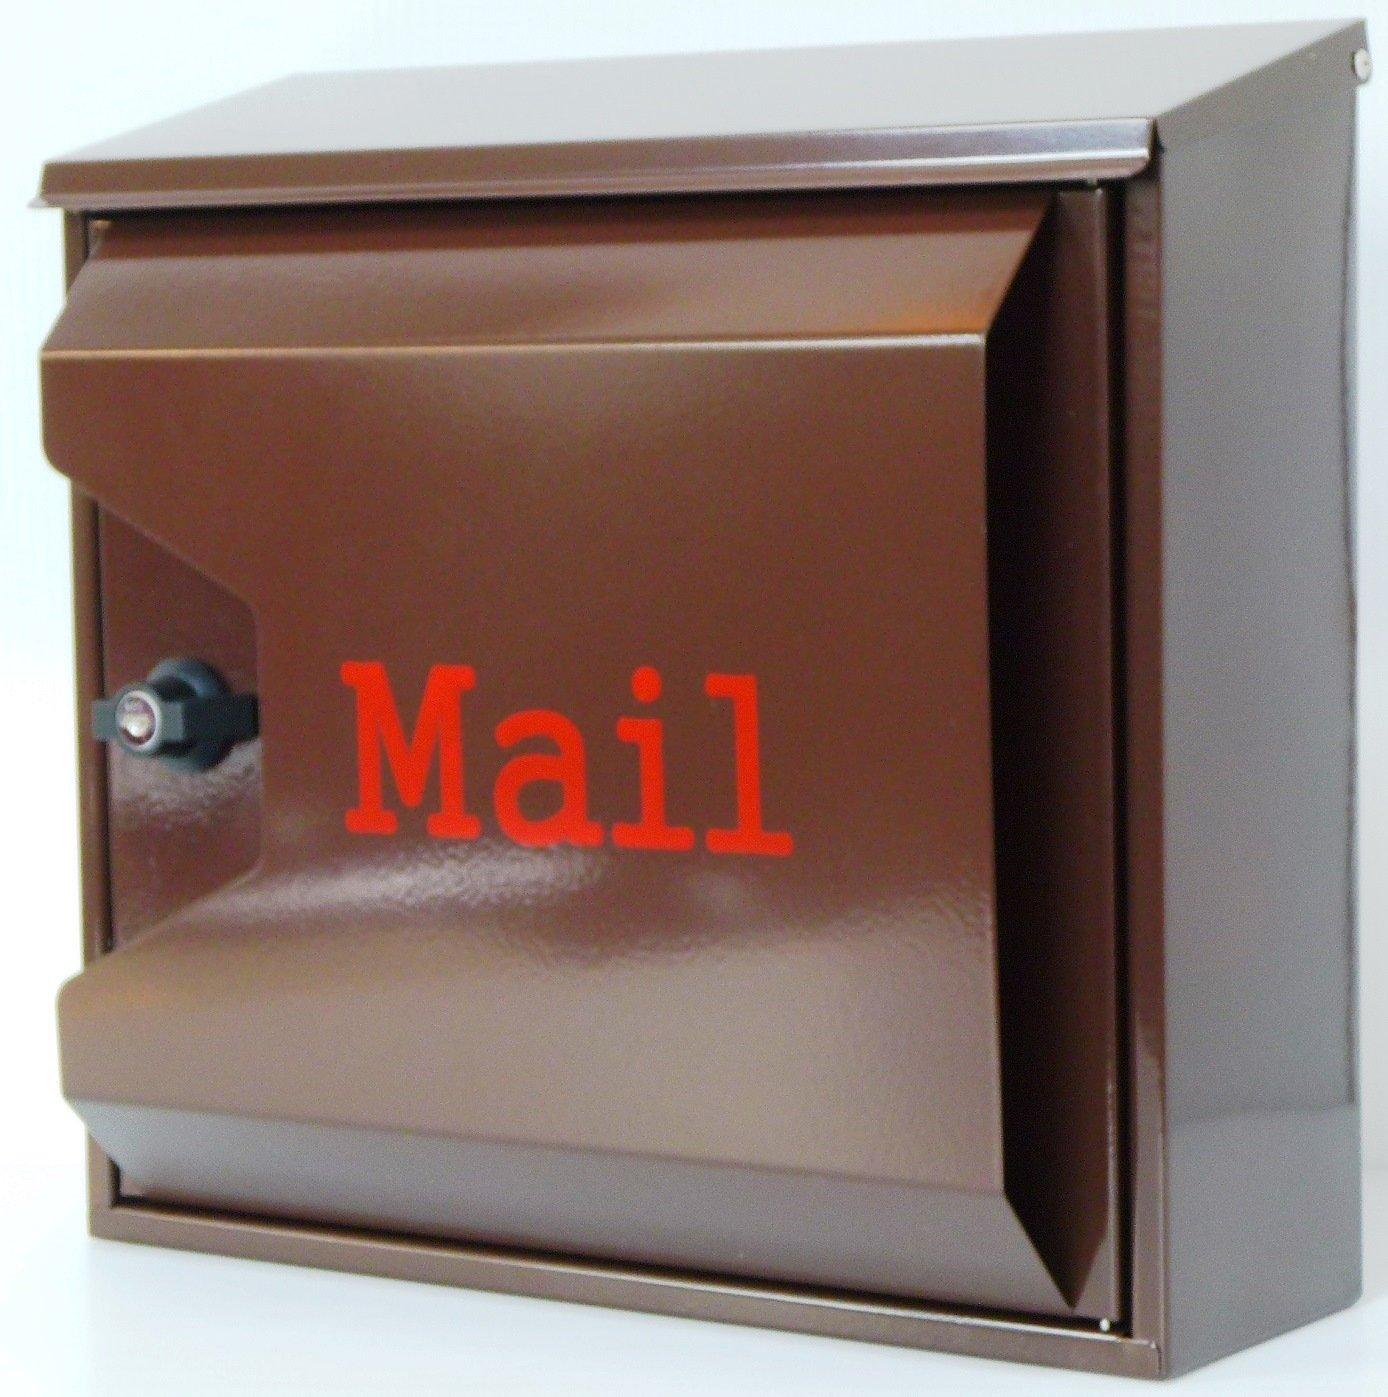 郵便ポスト郵便受け北欧風大型メールボックス 壁掛けプレミアムステンレス ブラウン色ポストpm042 B071ZB14LQ 12880